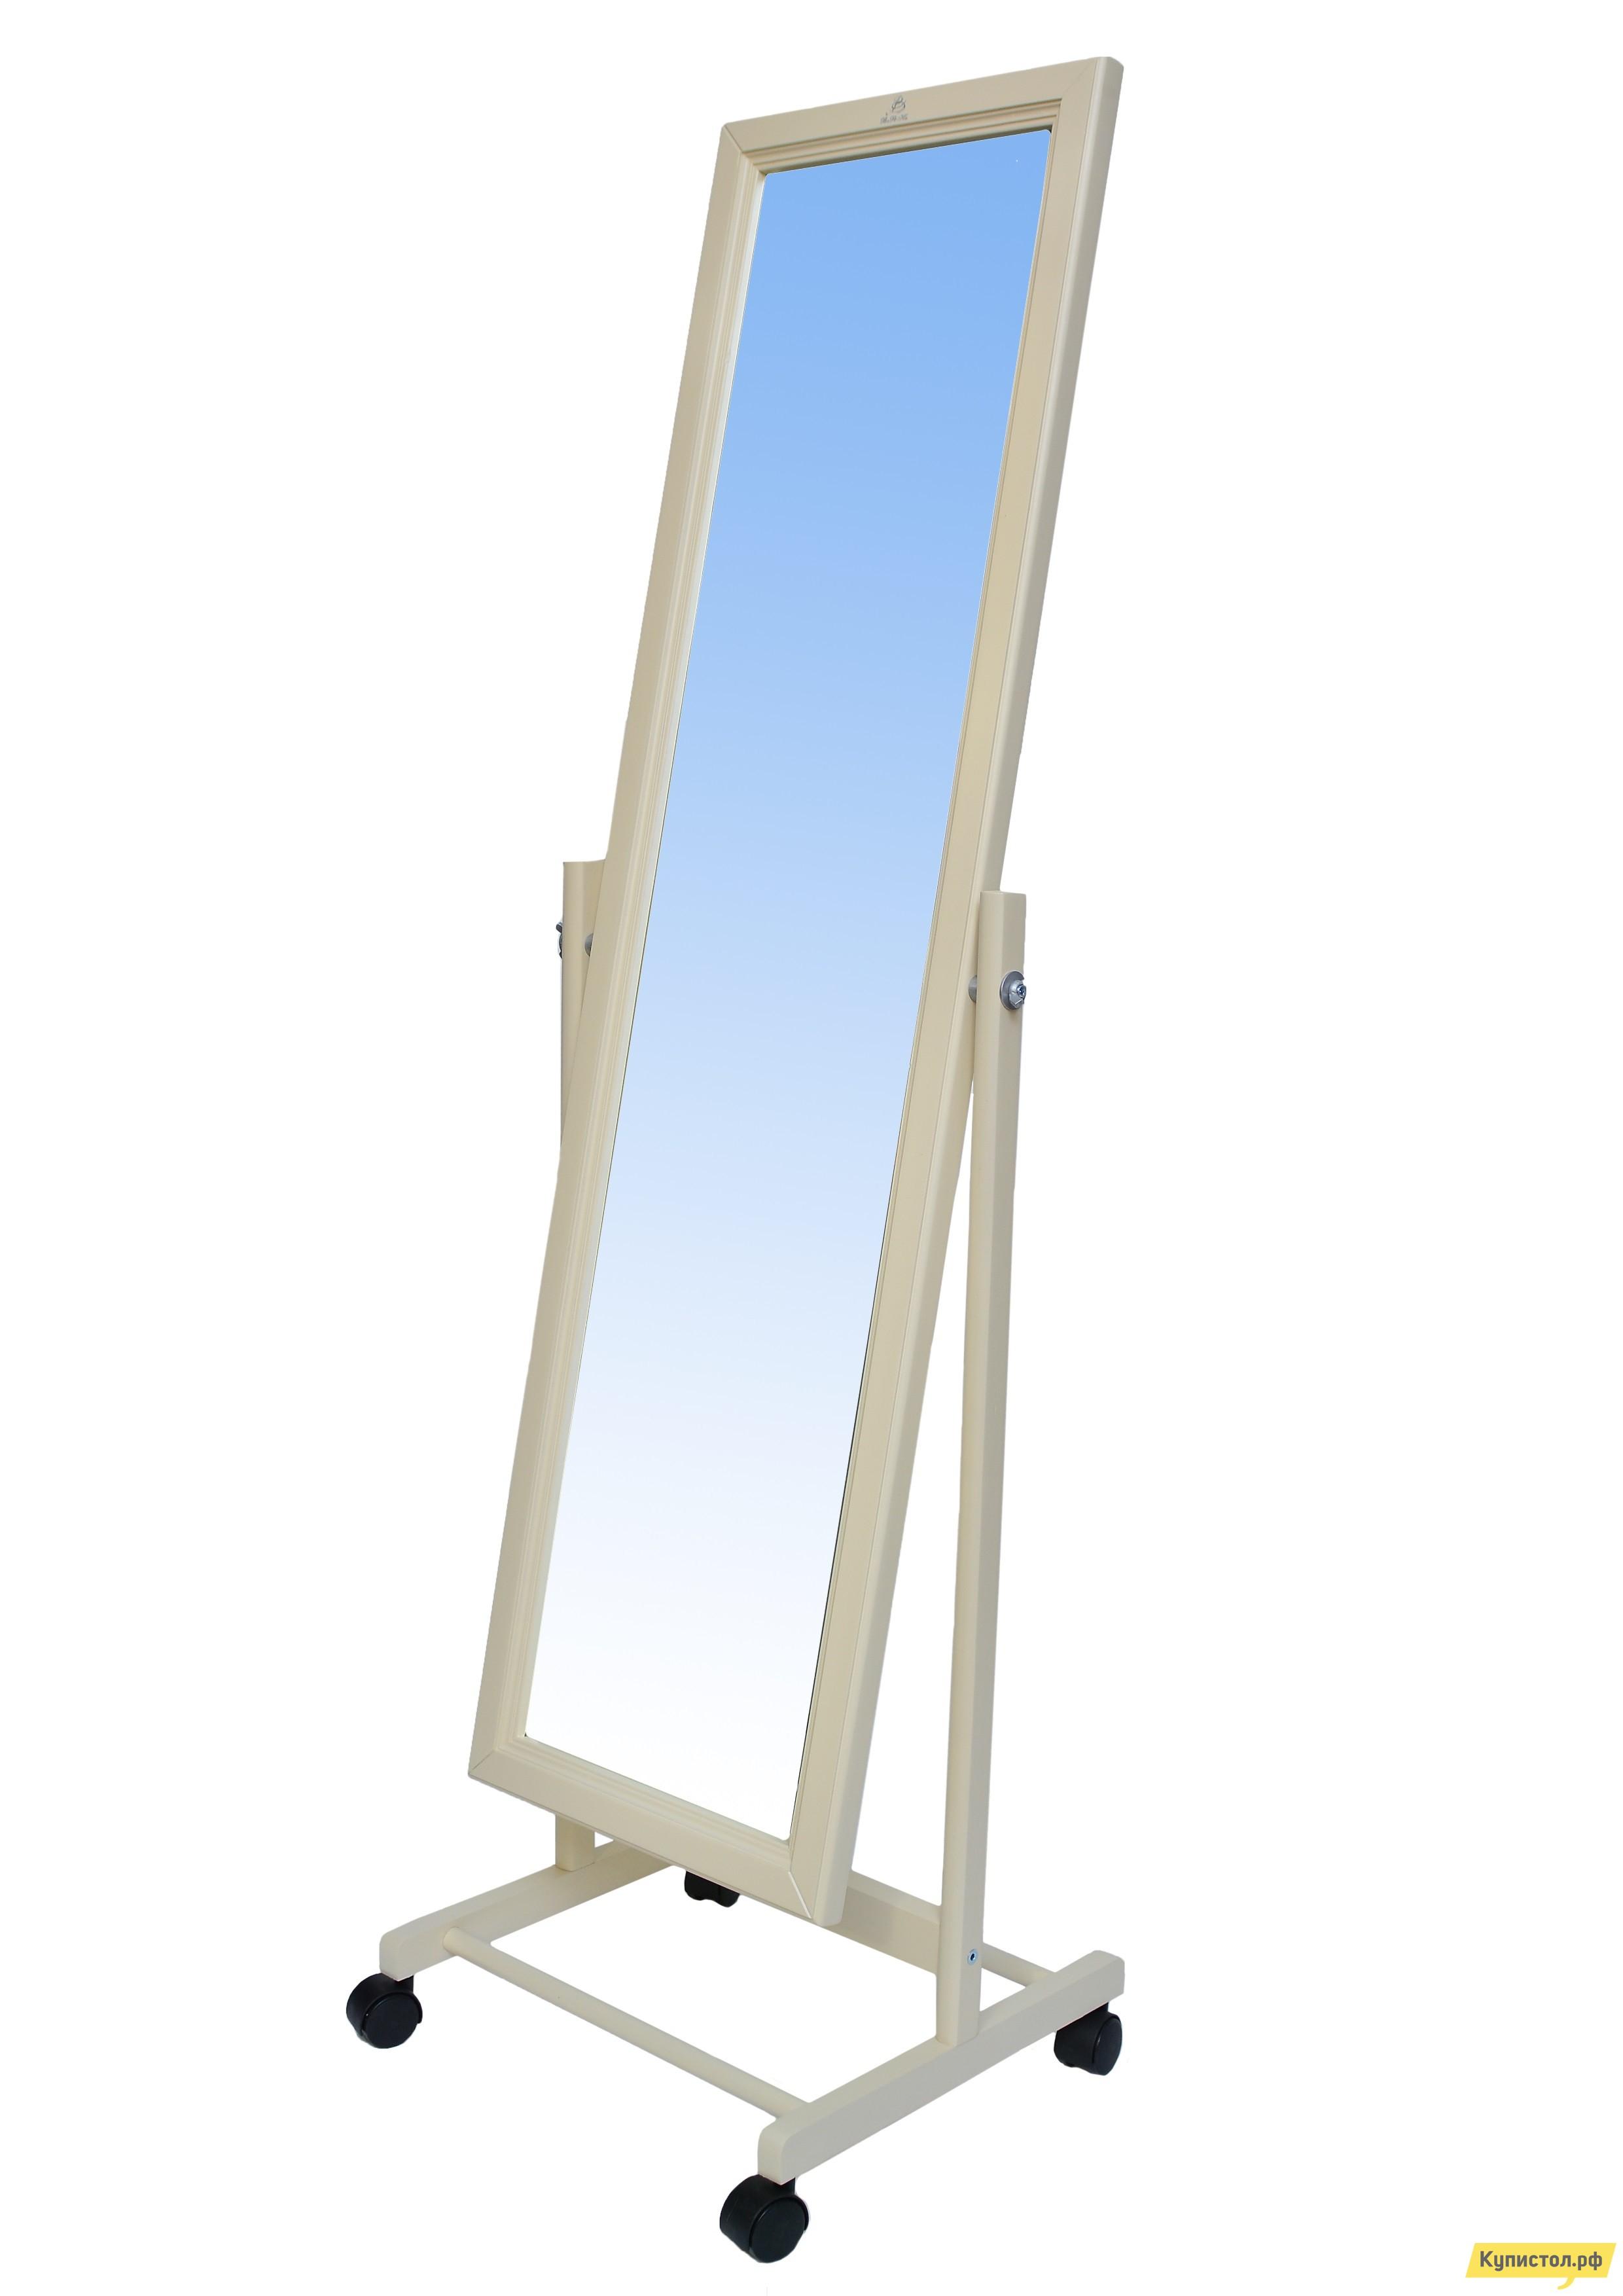 Напольное зеркало Мебелик В 27Н Слоновая кость